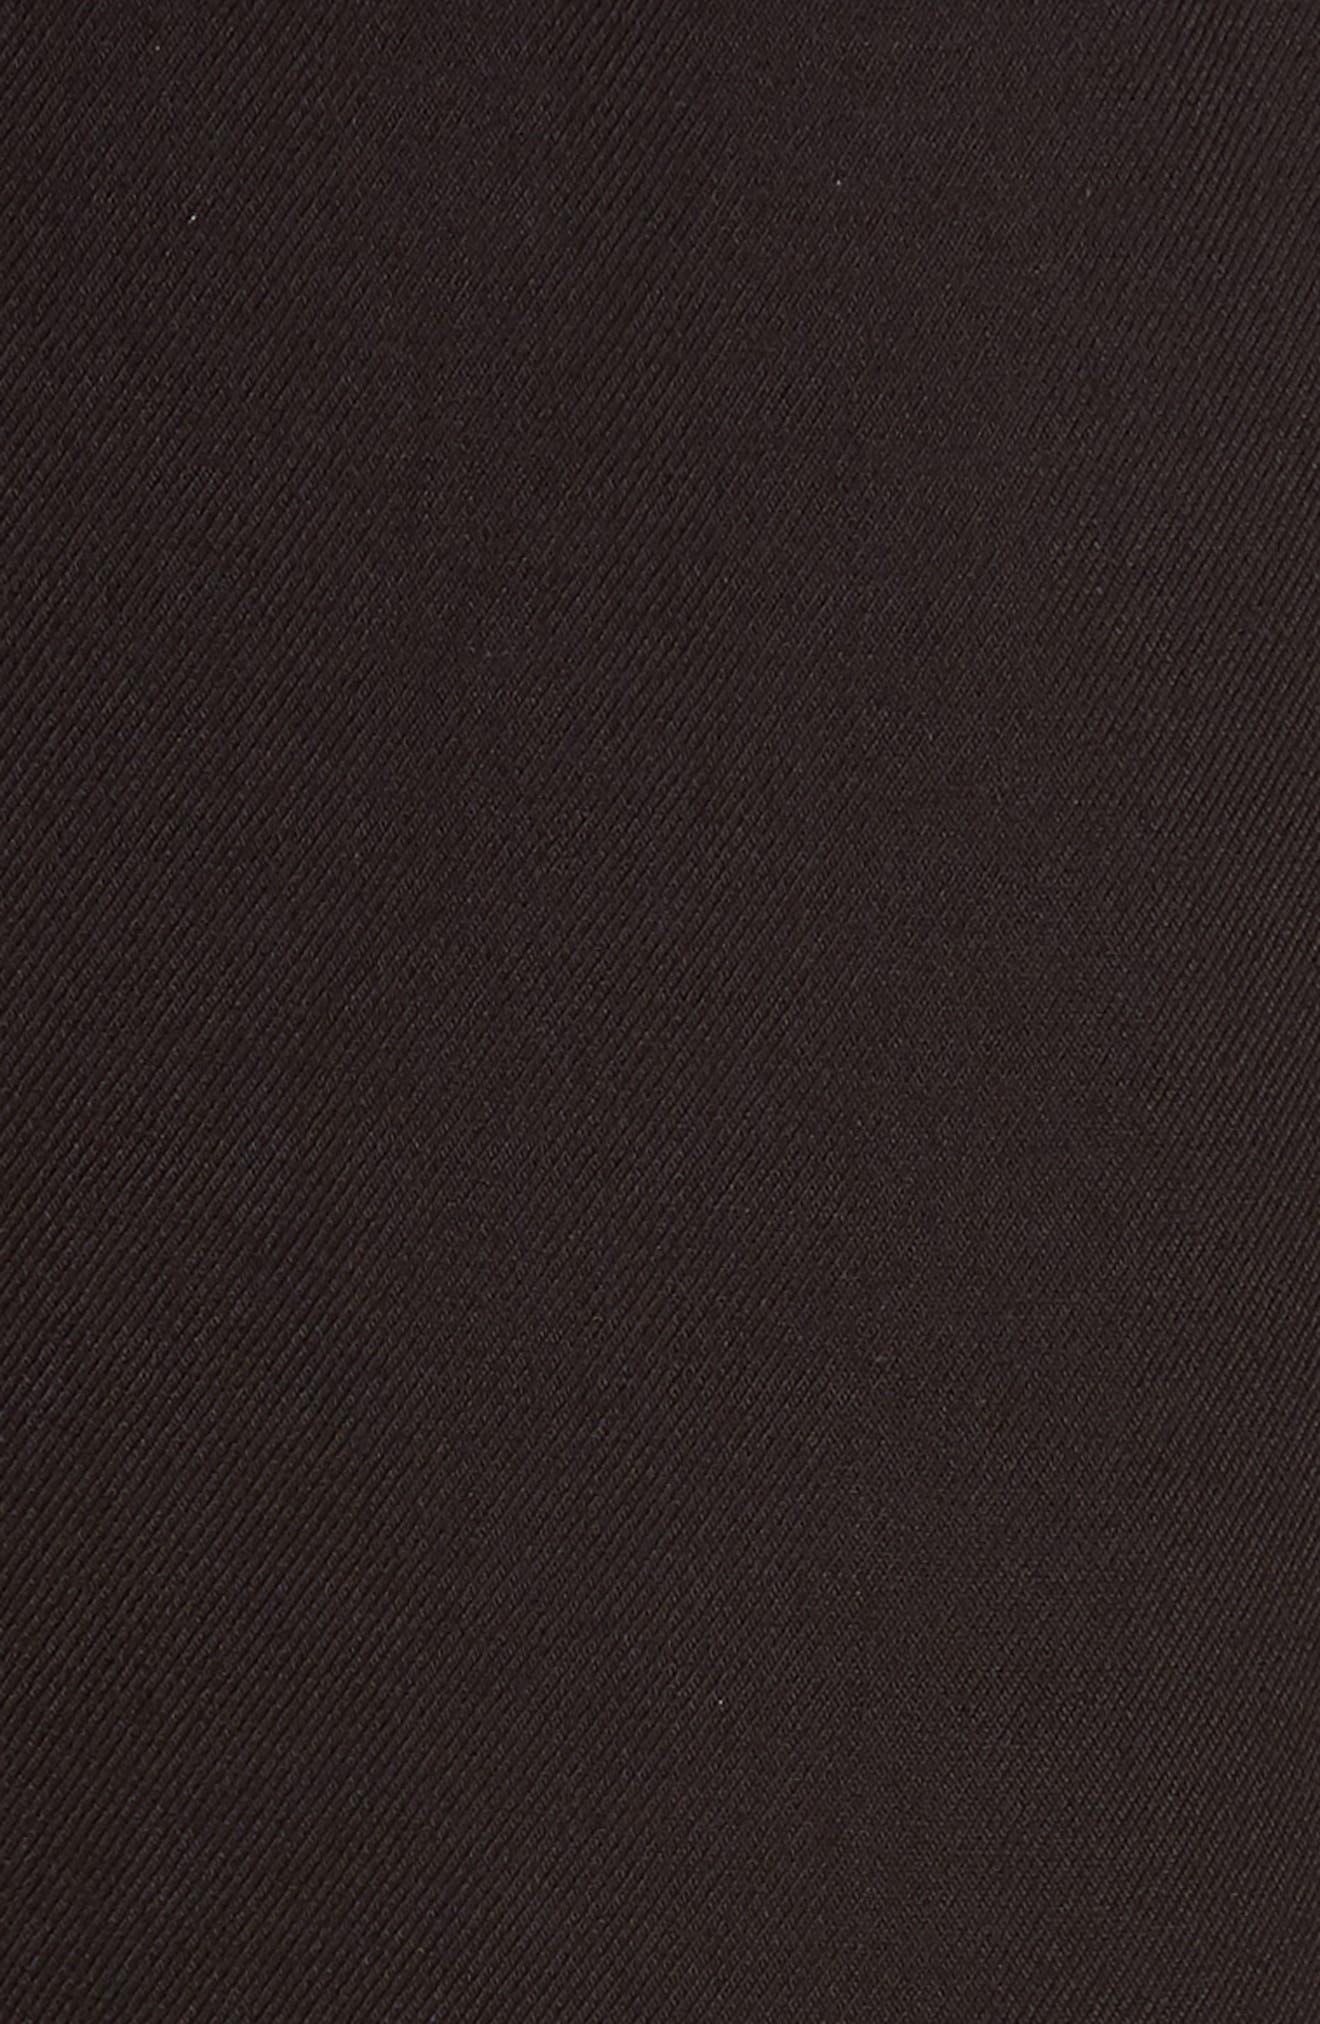 Piped Tulip Hem Pants,                             Alternate thumbnail 5, color,                             Black